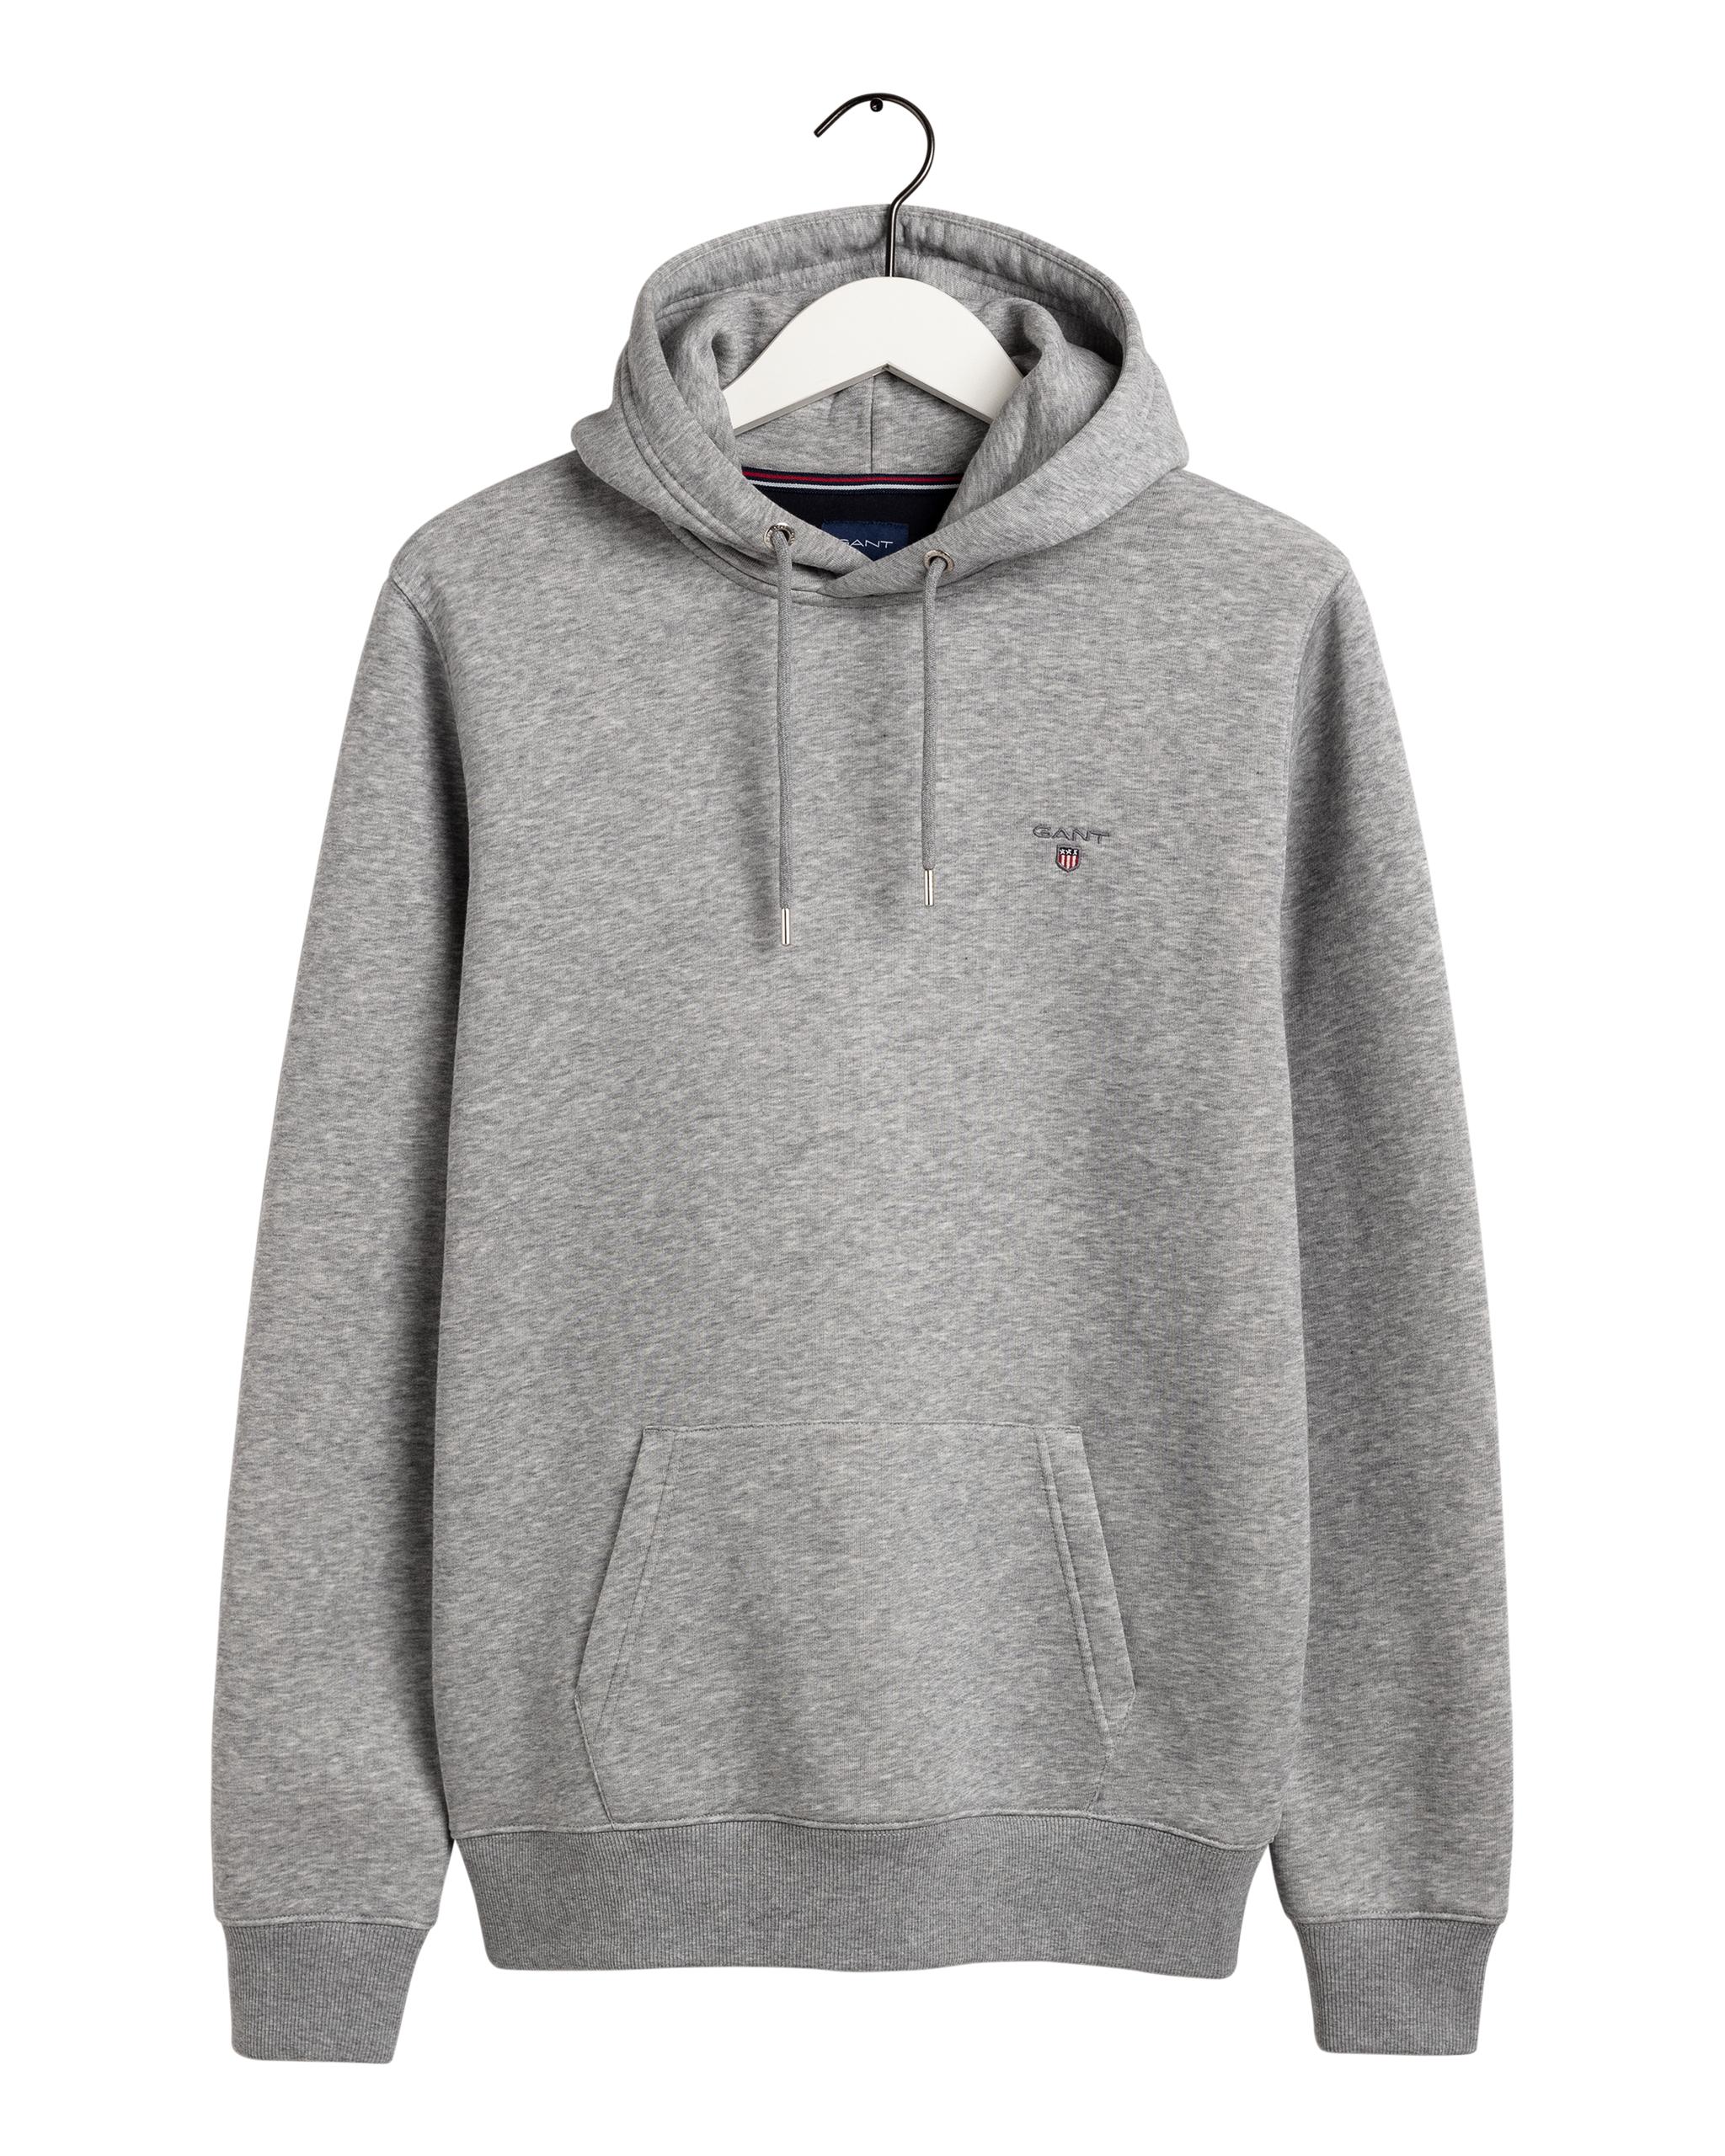 Gant Original Sweat hættetrøje, grey melange, x-large